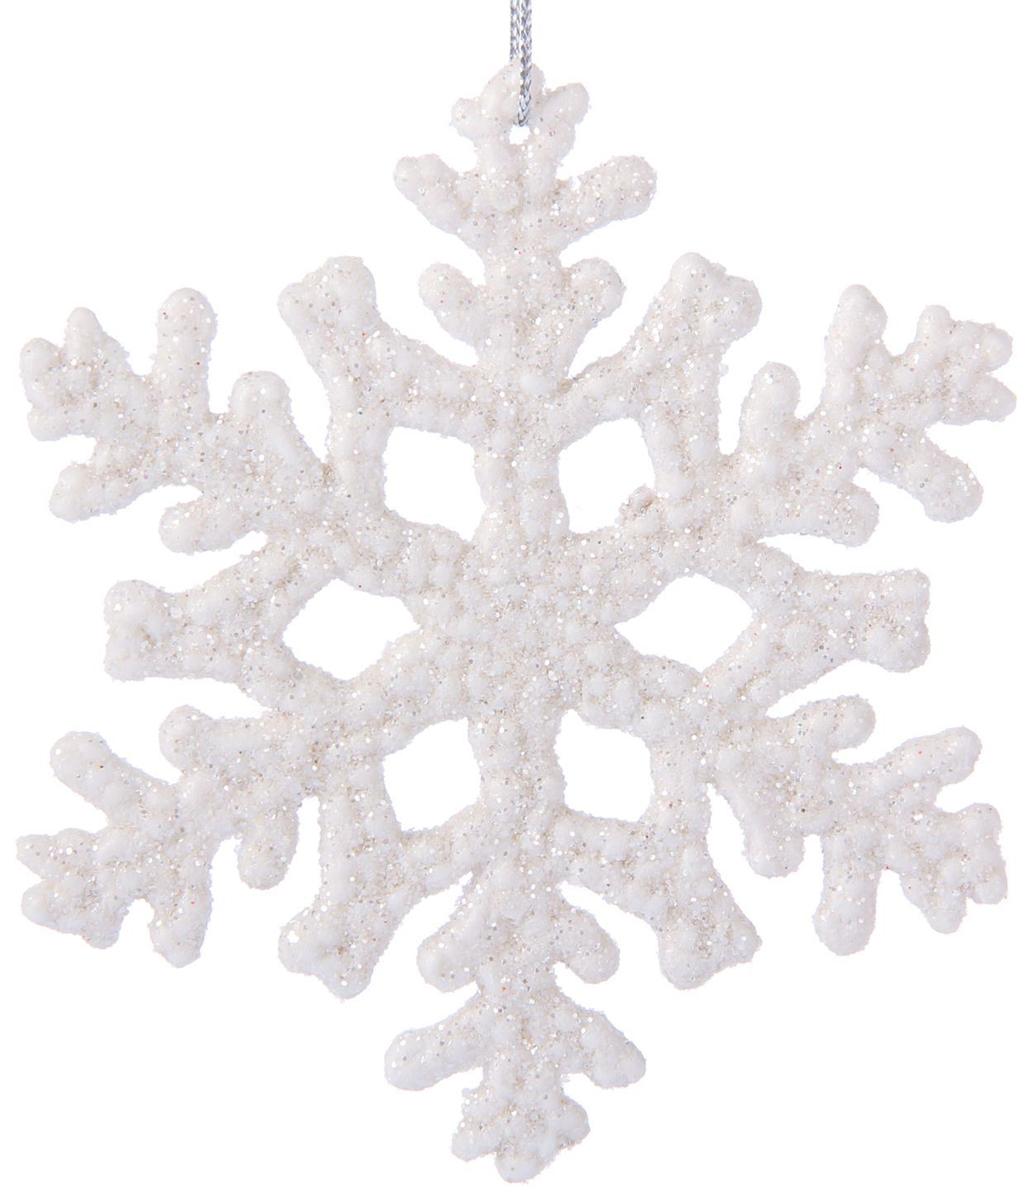 Набор новогодних подвесных украшений Белая снежинка, диаметр 10 см, 3 шт2371296Набор новогодних подвесных украшений отлично подойдет для декорации вашего дома и новогодней ели. С помощью специальной петельки украшение можно повесить в любом понравившемся вам месте. Но, конечно, удачнее всего оно будет смотреться на праздничной елке.Елочная игрушка - символ Нового года. Она несет в себе волшебство и красоту праздника. Такое украшение создаст в вашем доме атмосферу праздника, веселья и радости.